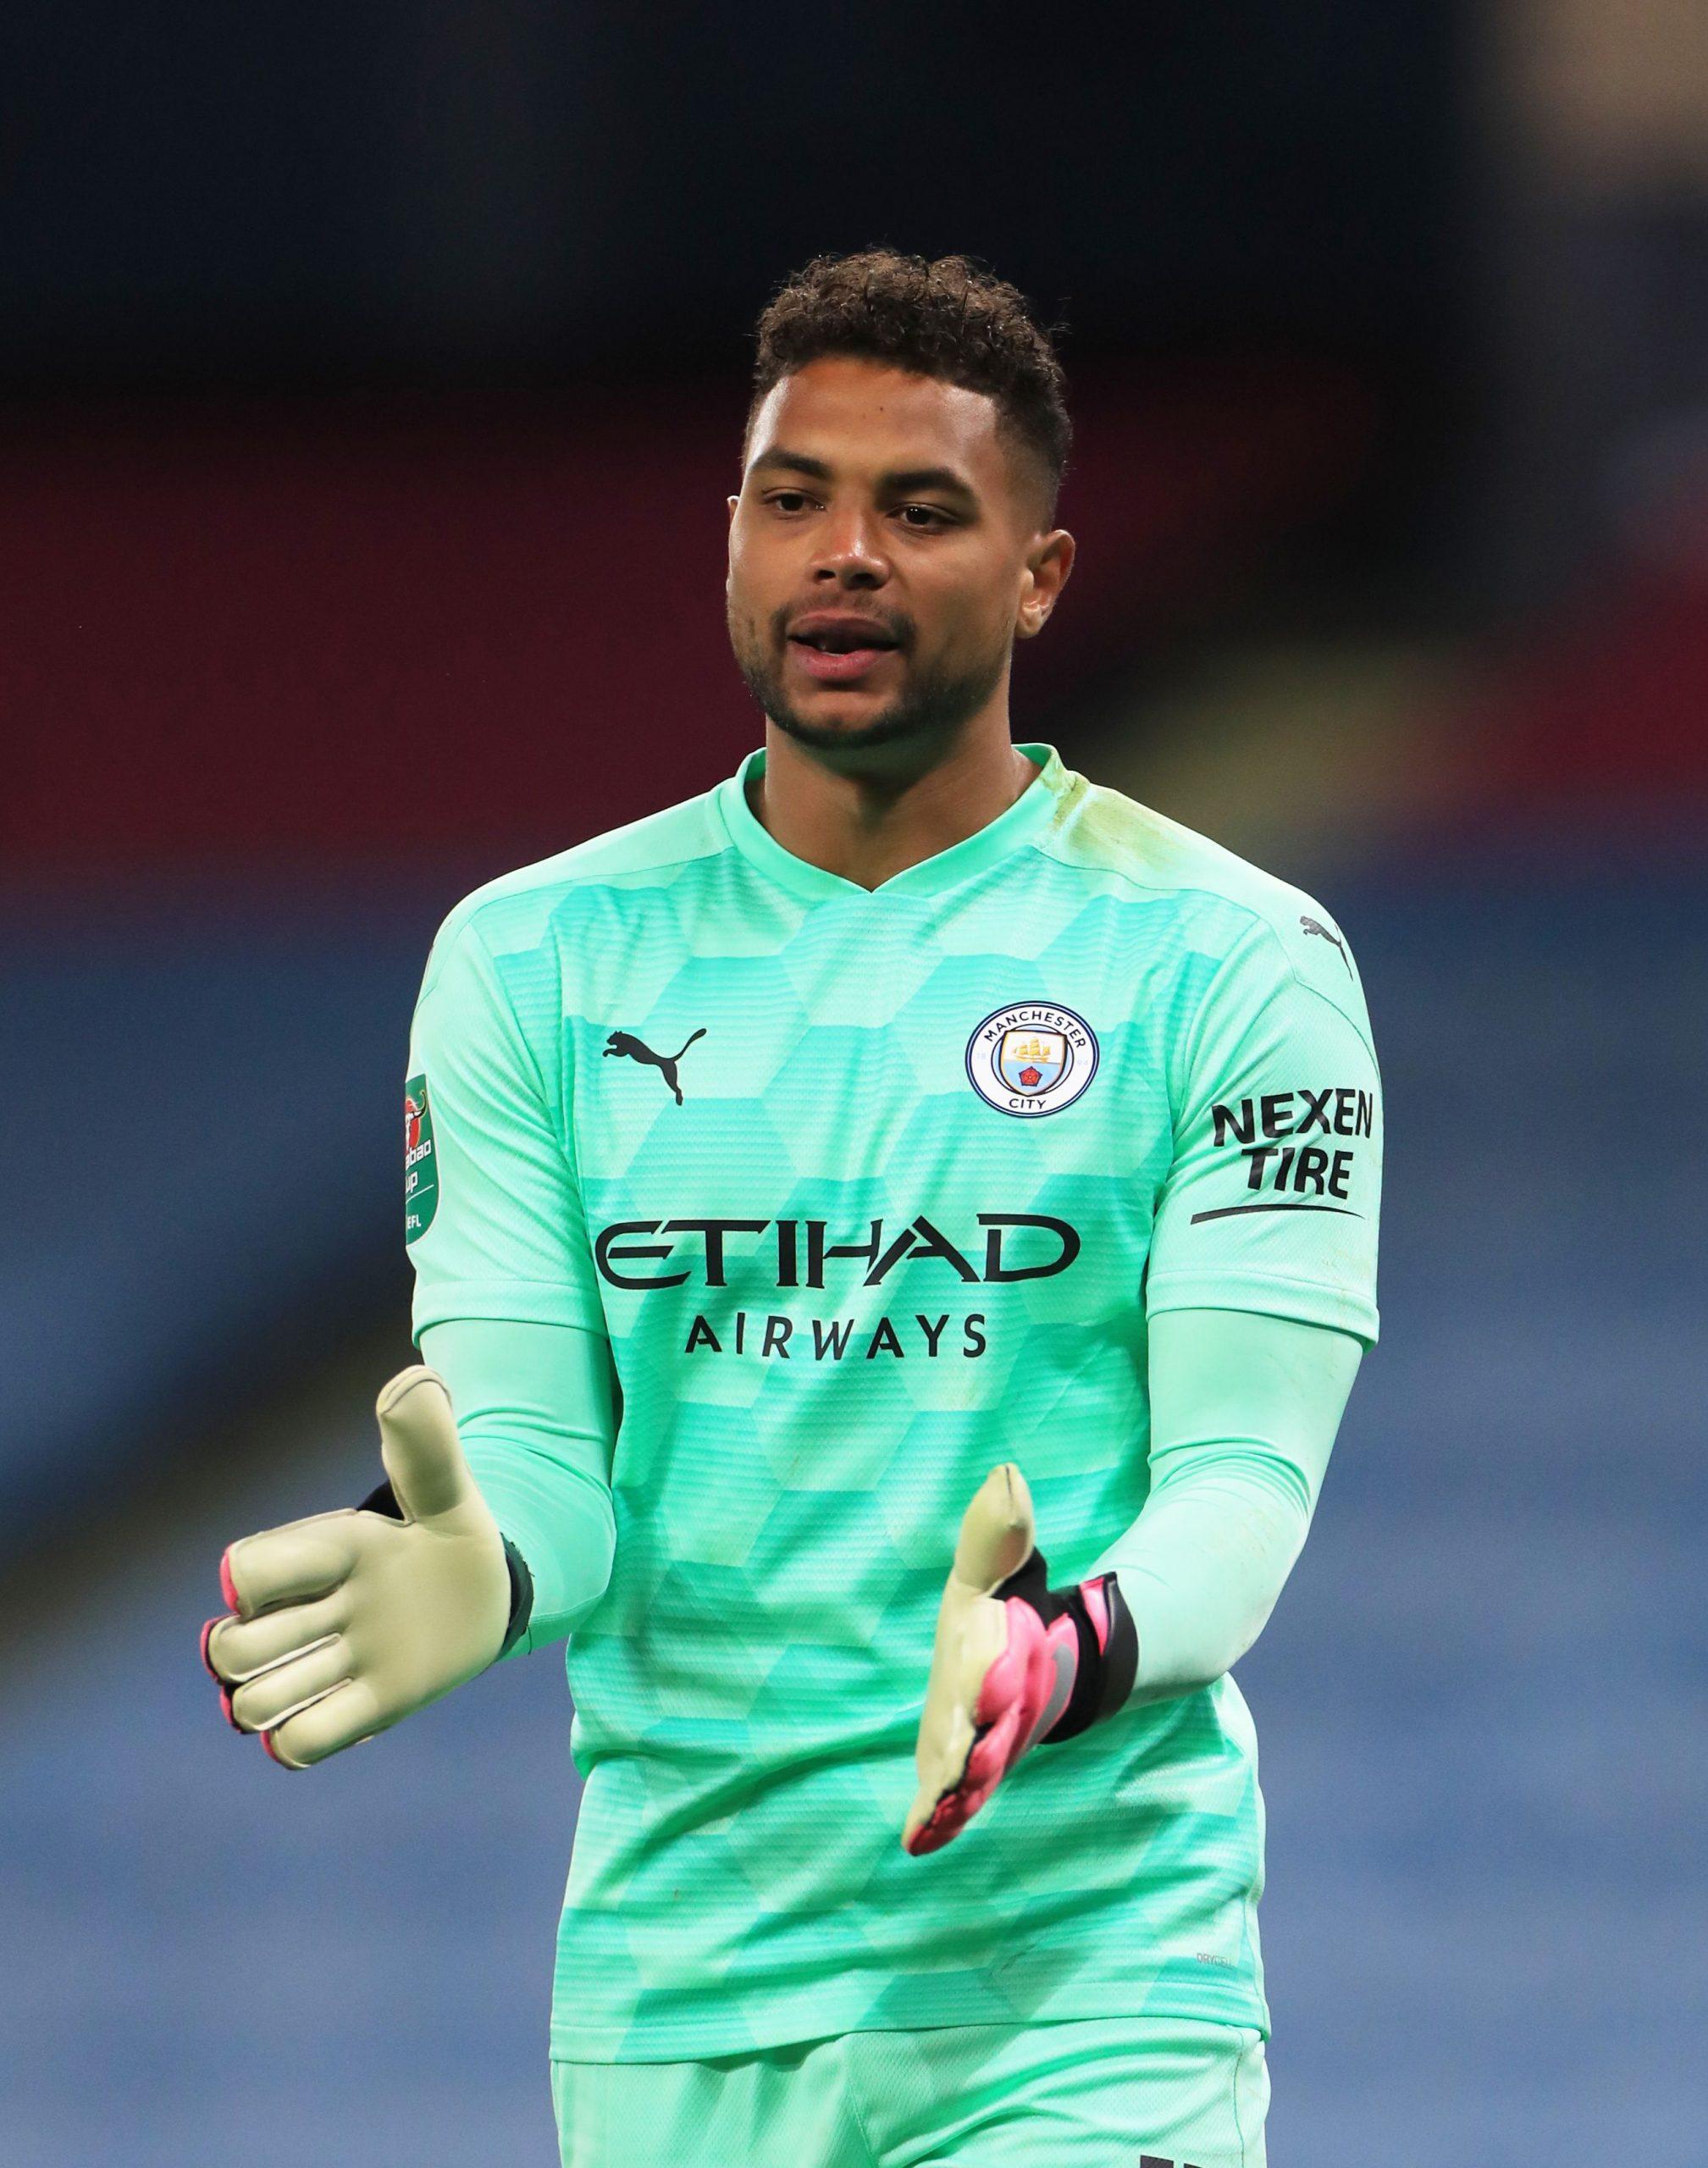 Top Five tallest Manchester City players - Steffen